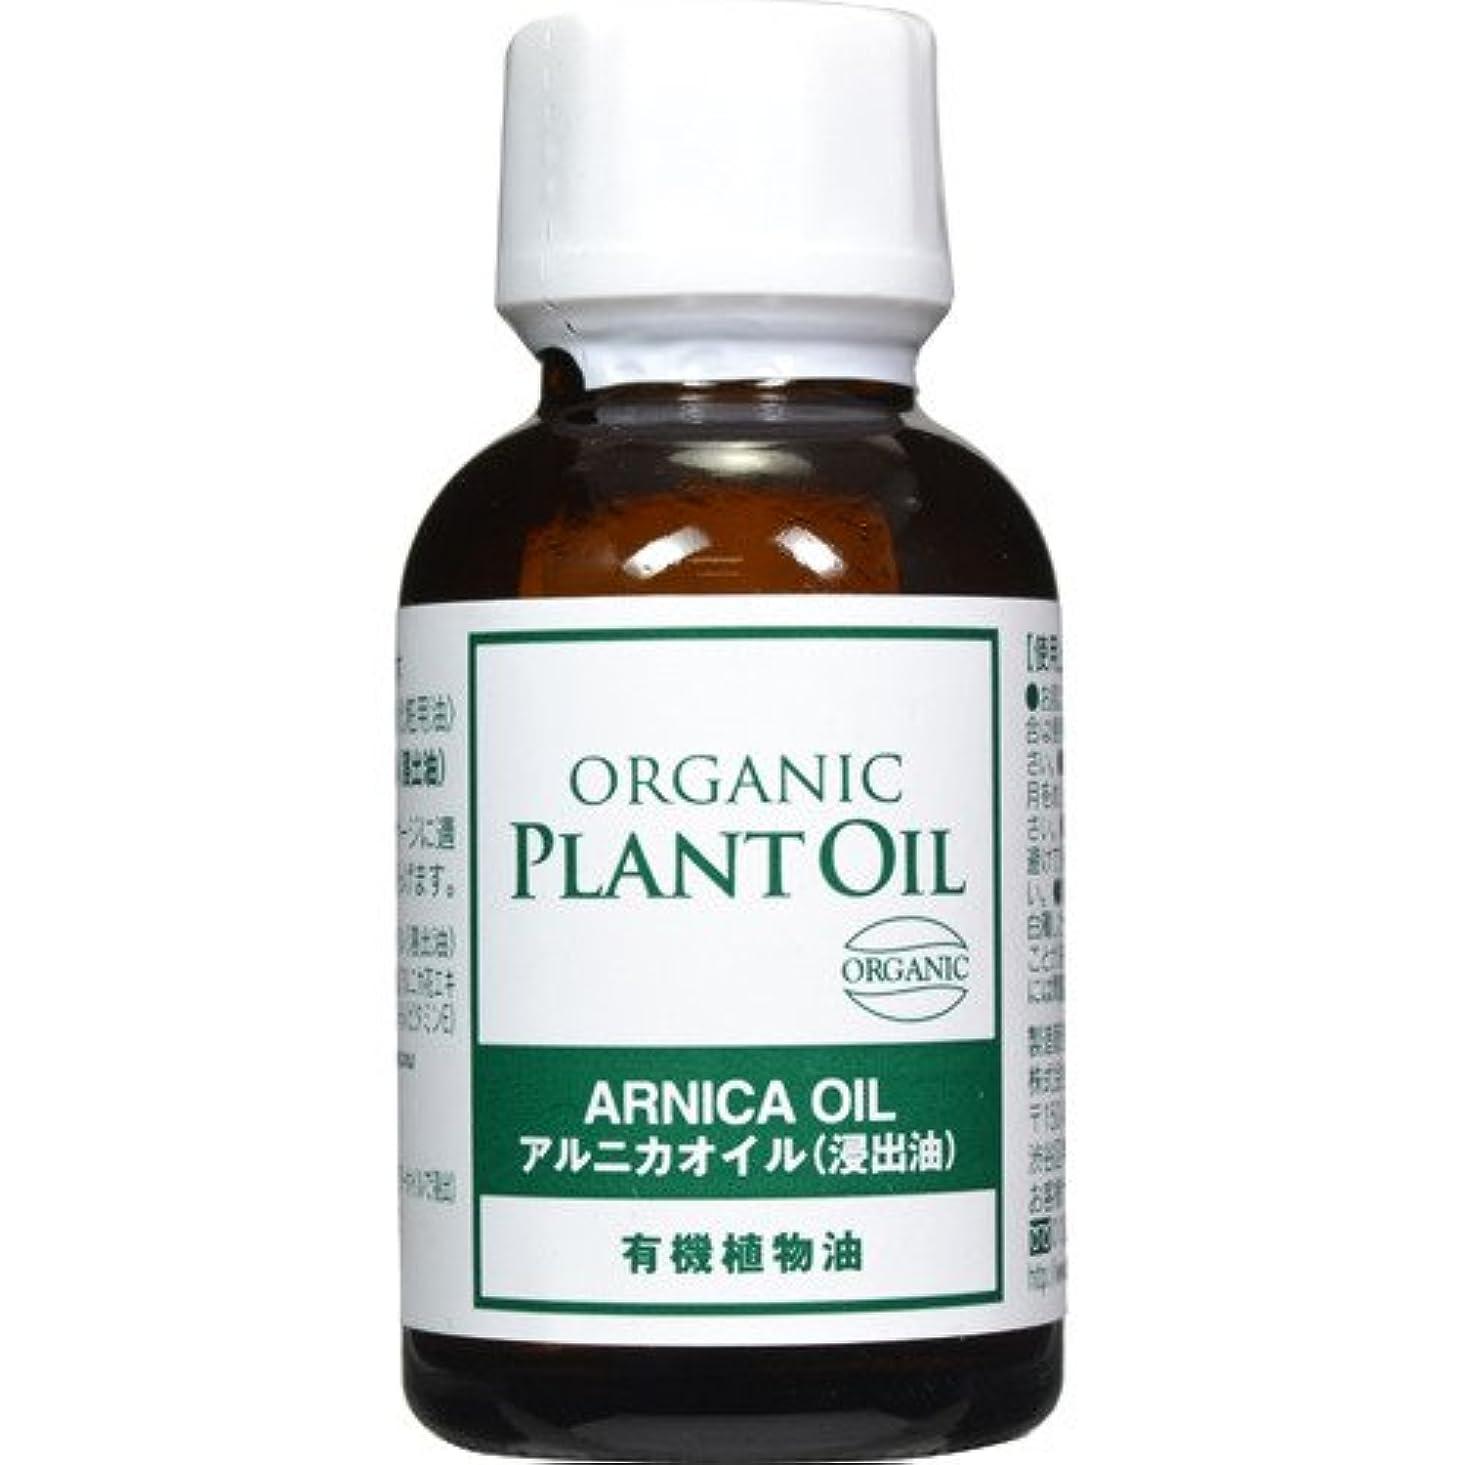 浮く辛な欲求不満生活の木 有機アルニカオイル(浸出油) 25ml